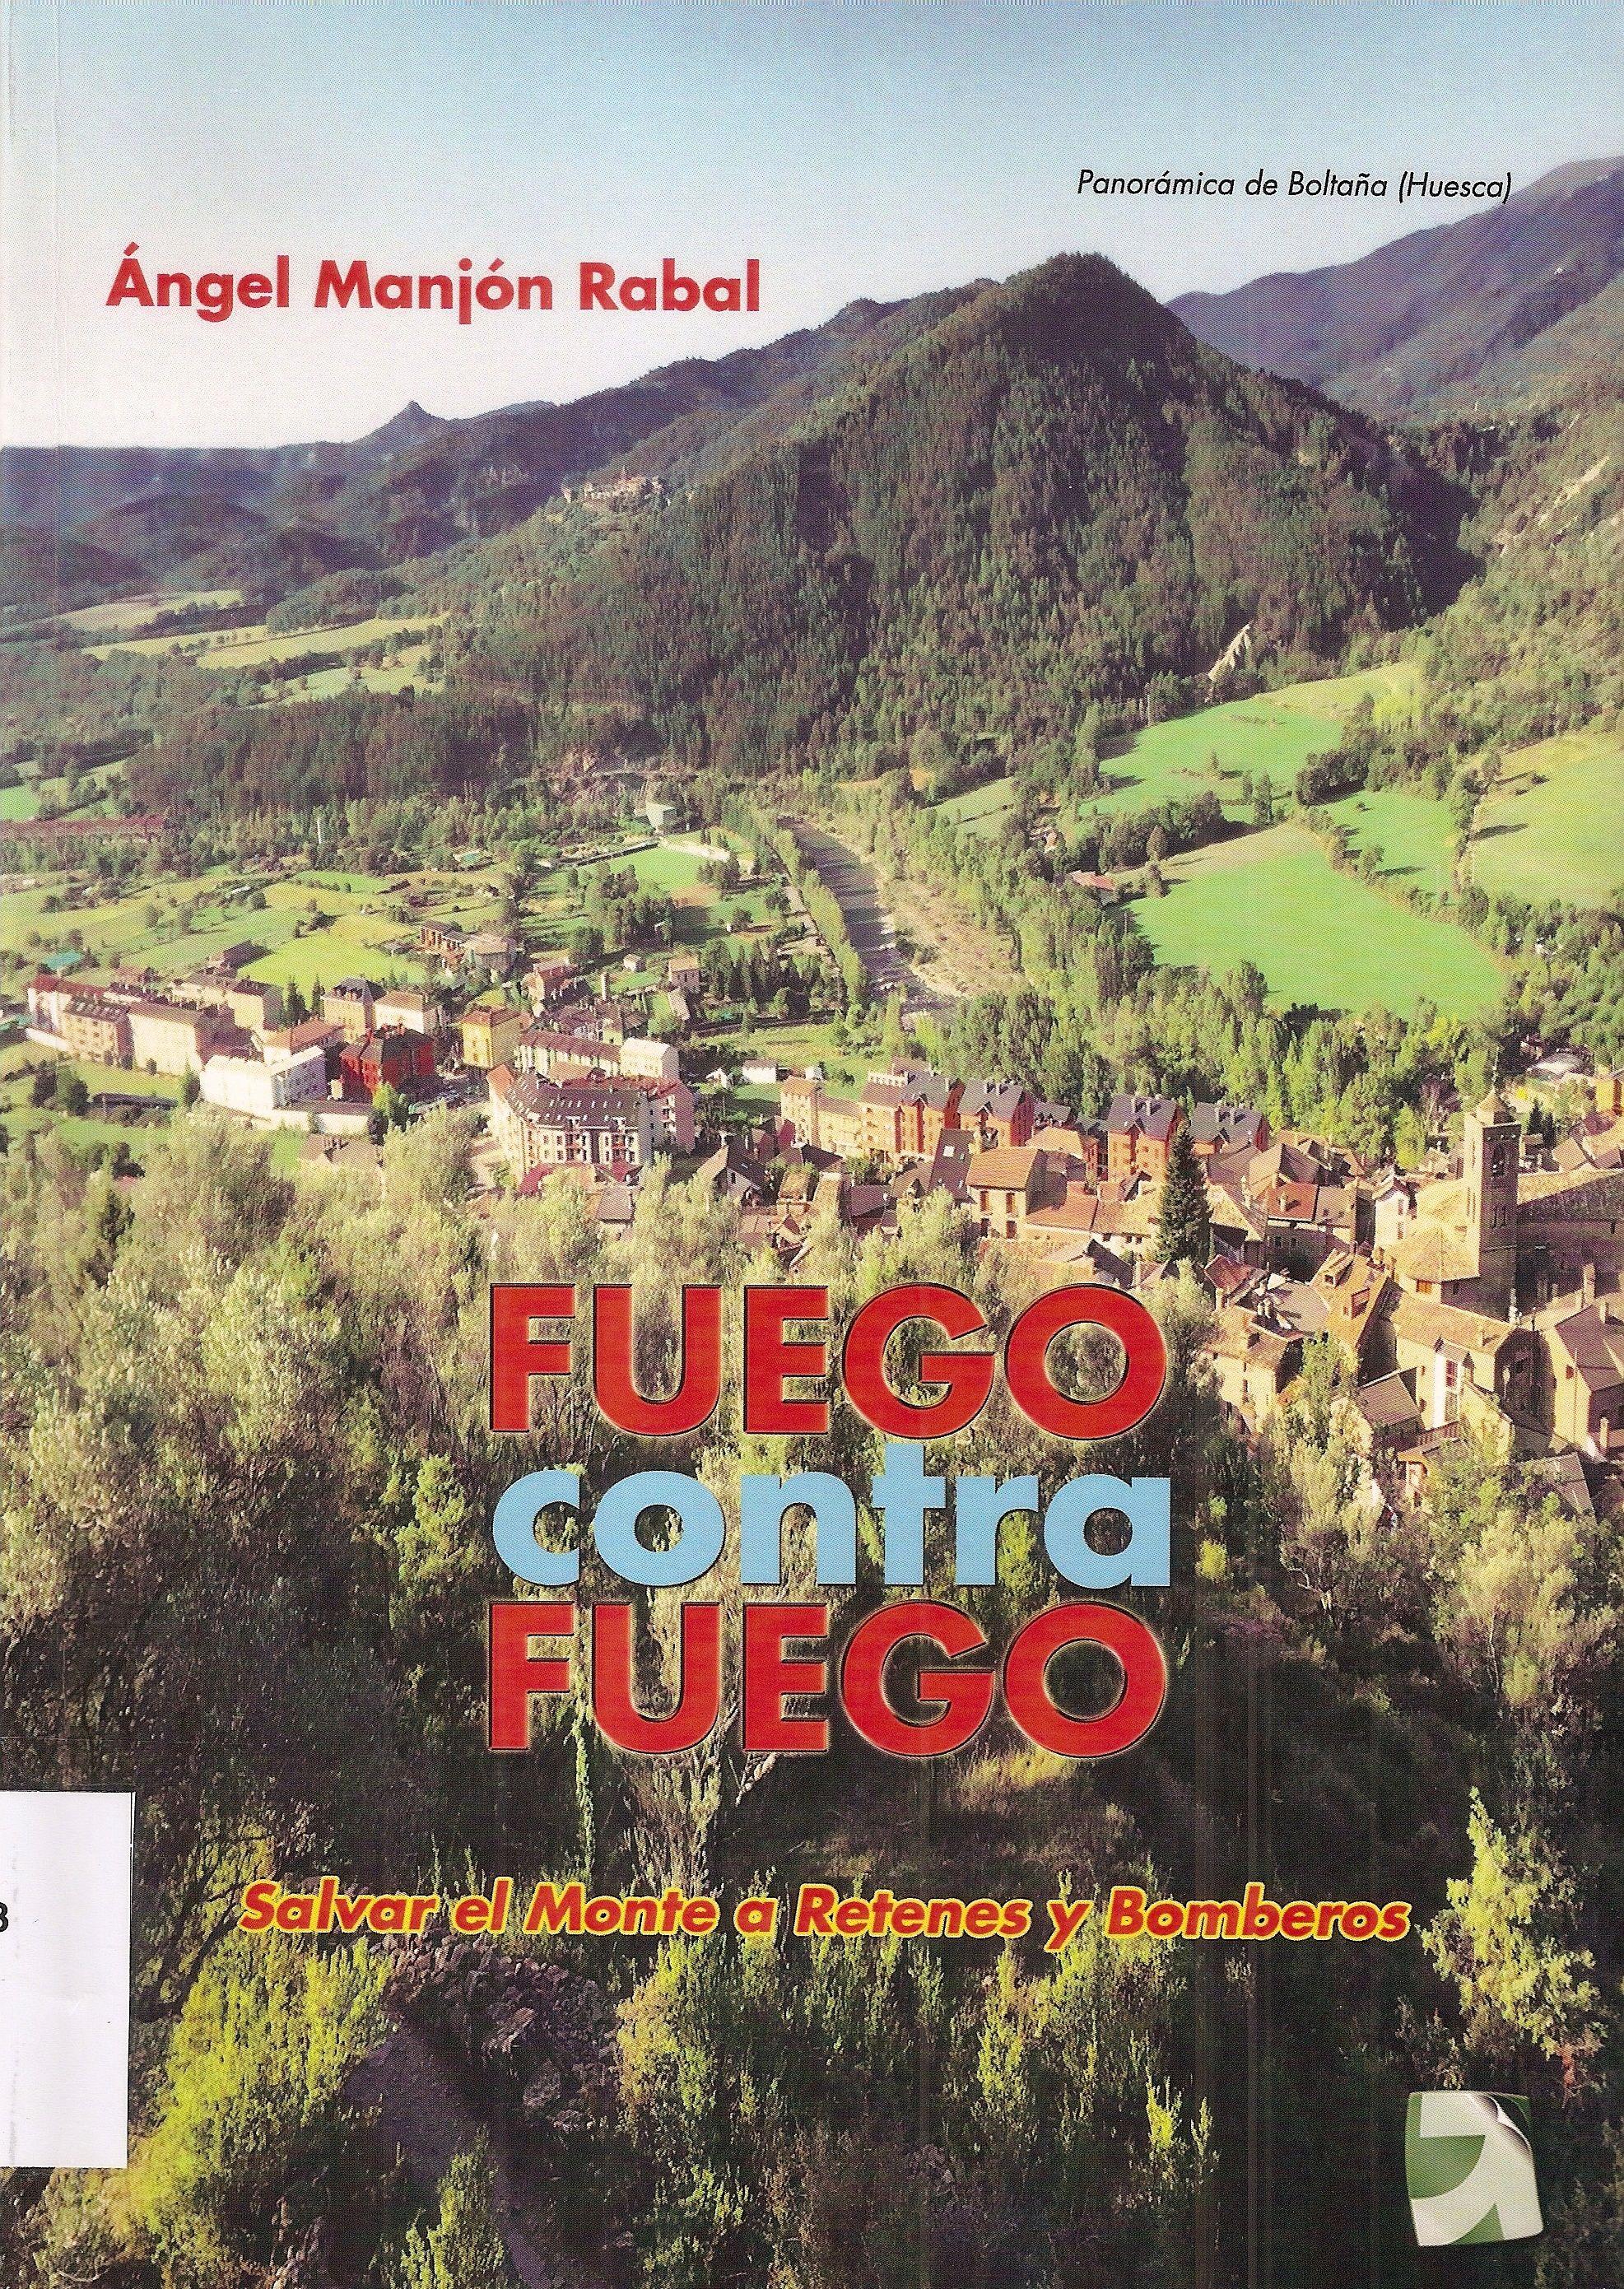 Del 18 al 25 de octubre, Los tristes acontecimientos de estos días son motivo suficiente para sacar este libro de la estantería... http://roble.unizar.es/record=b1820541